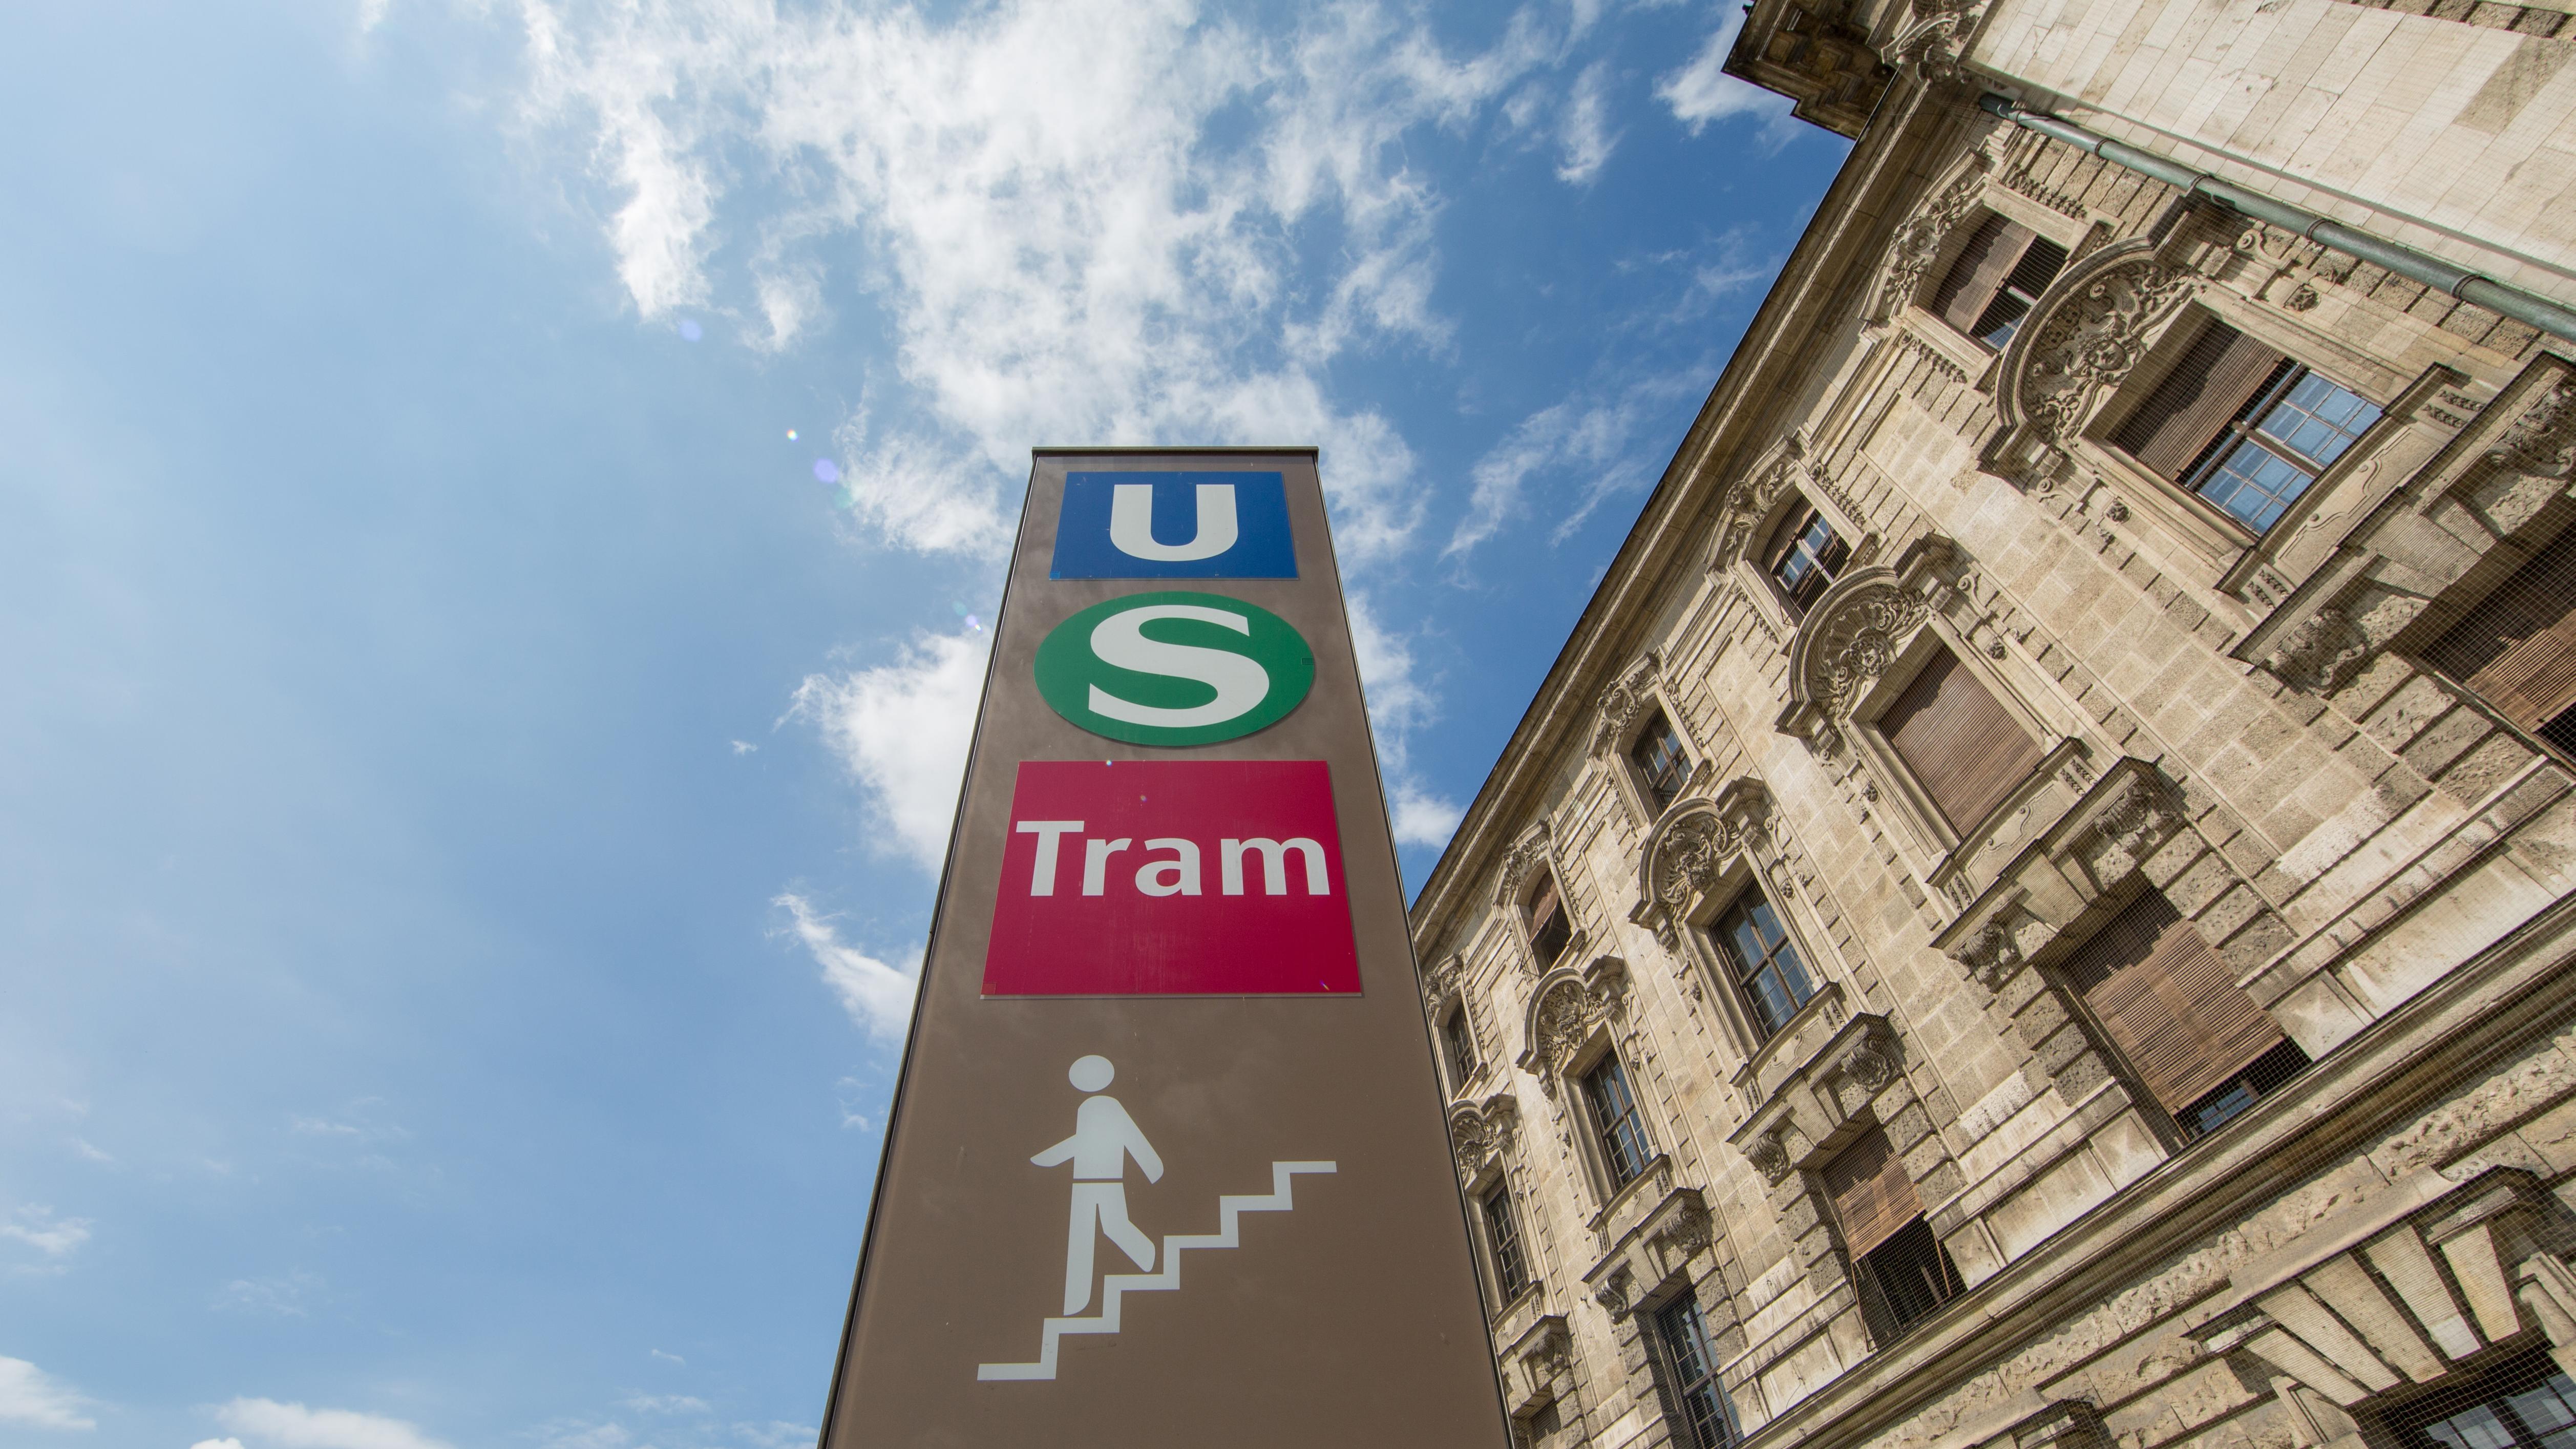 Hinweisstele mit U-Bahn-, S-Bahn- und Tram-Logo vor dem Münchner Justizpalast.